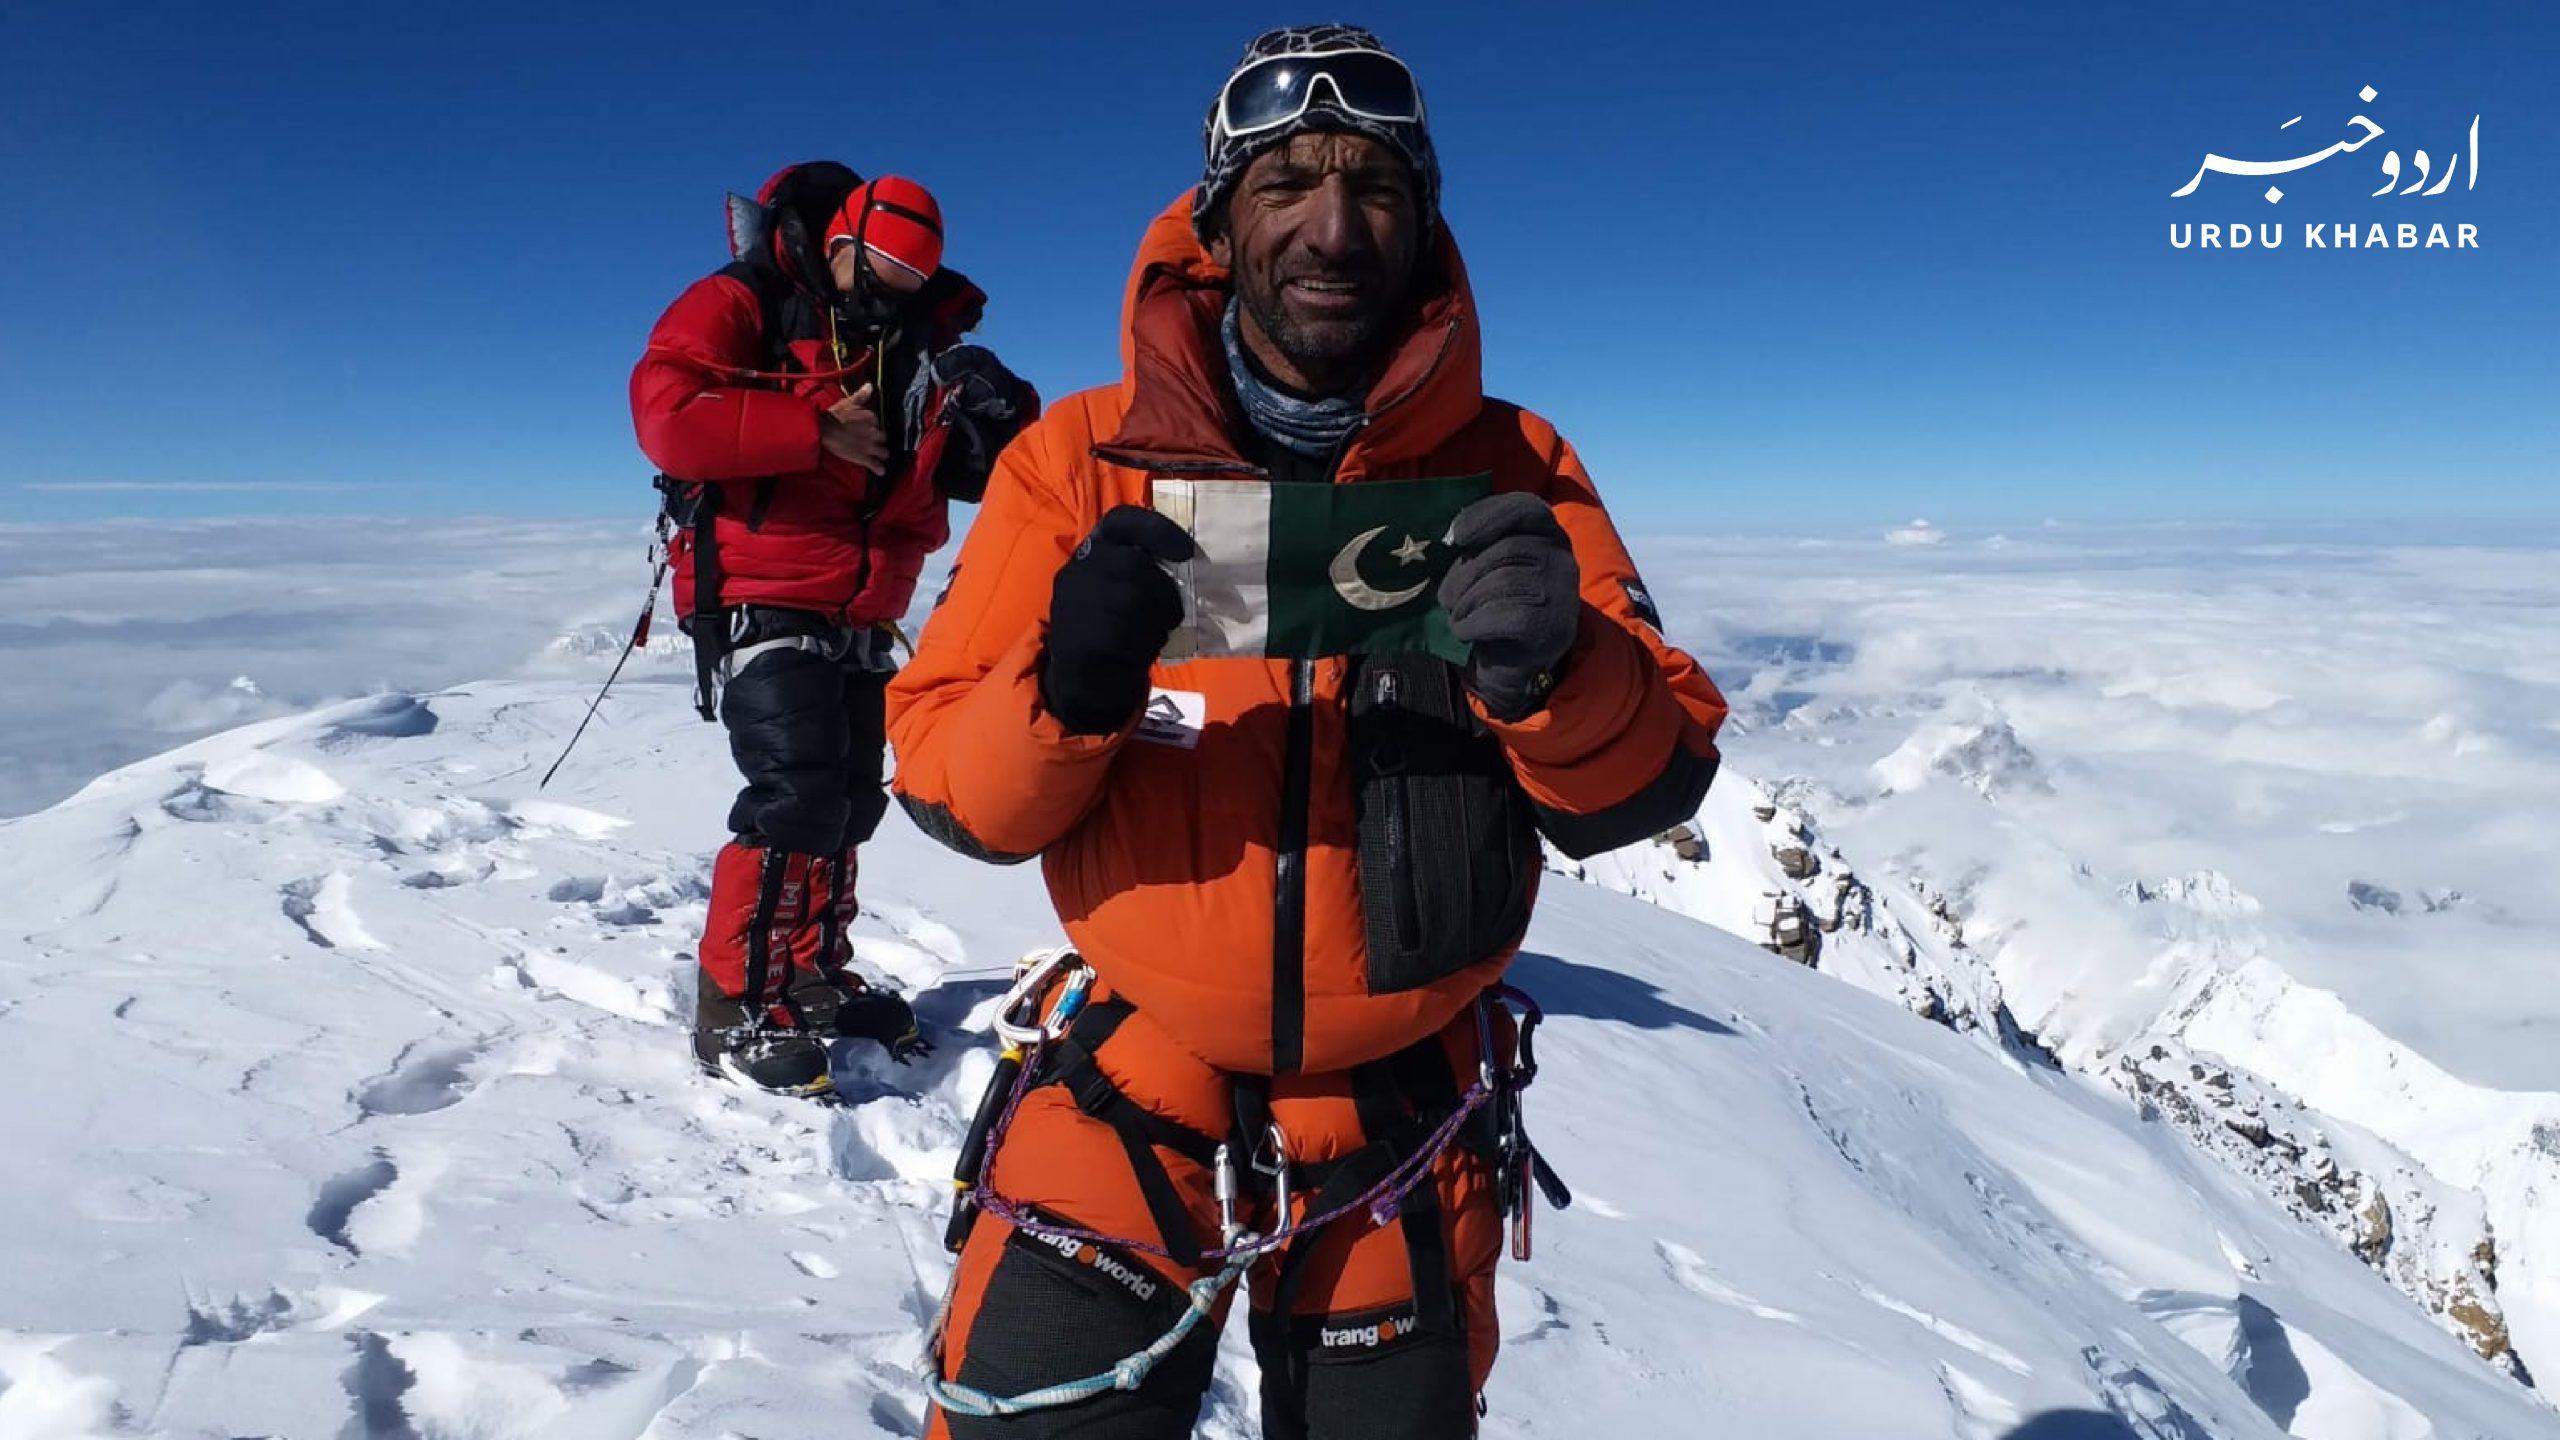 ساجد سد پارہ نے کوہ پیما علی سد پارہ کی موت کی تصدیق کر دی